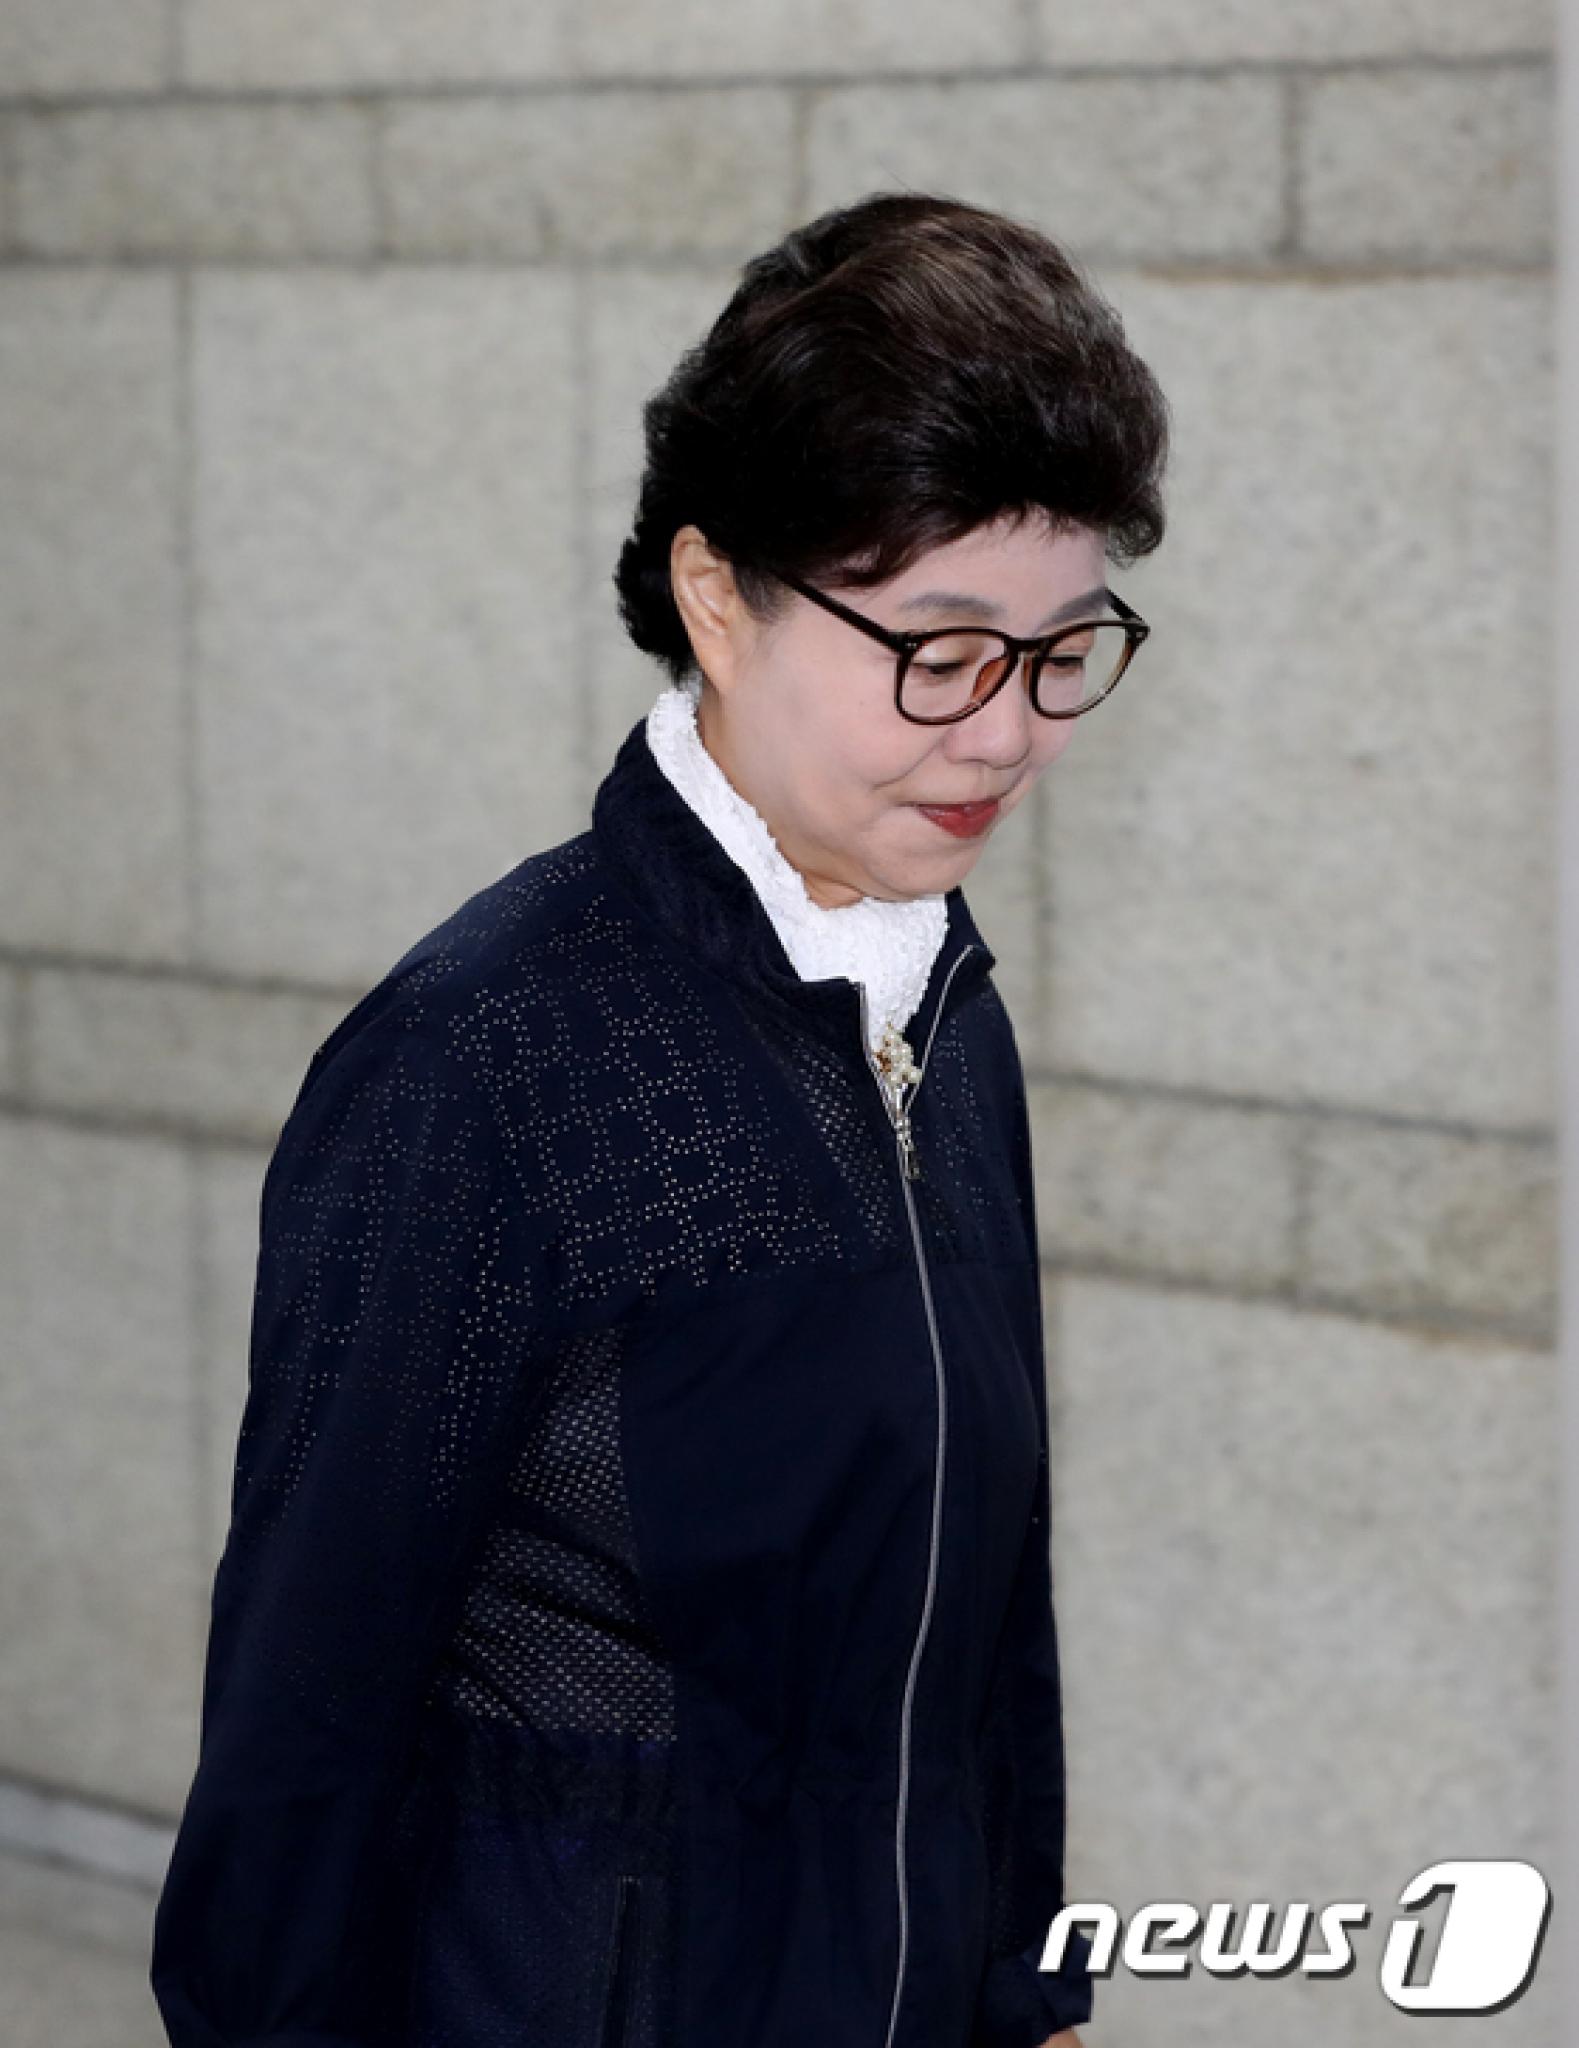 사기혐의로 기소된 박근령 전 육영재단 이사장에게 검찰이 징역 1년을 구형했다. /사진=뉴스1